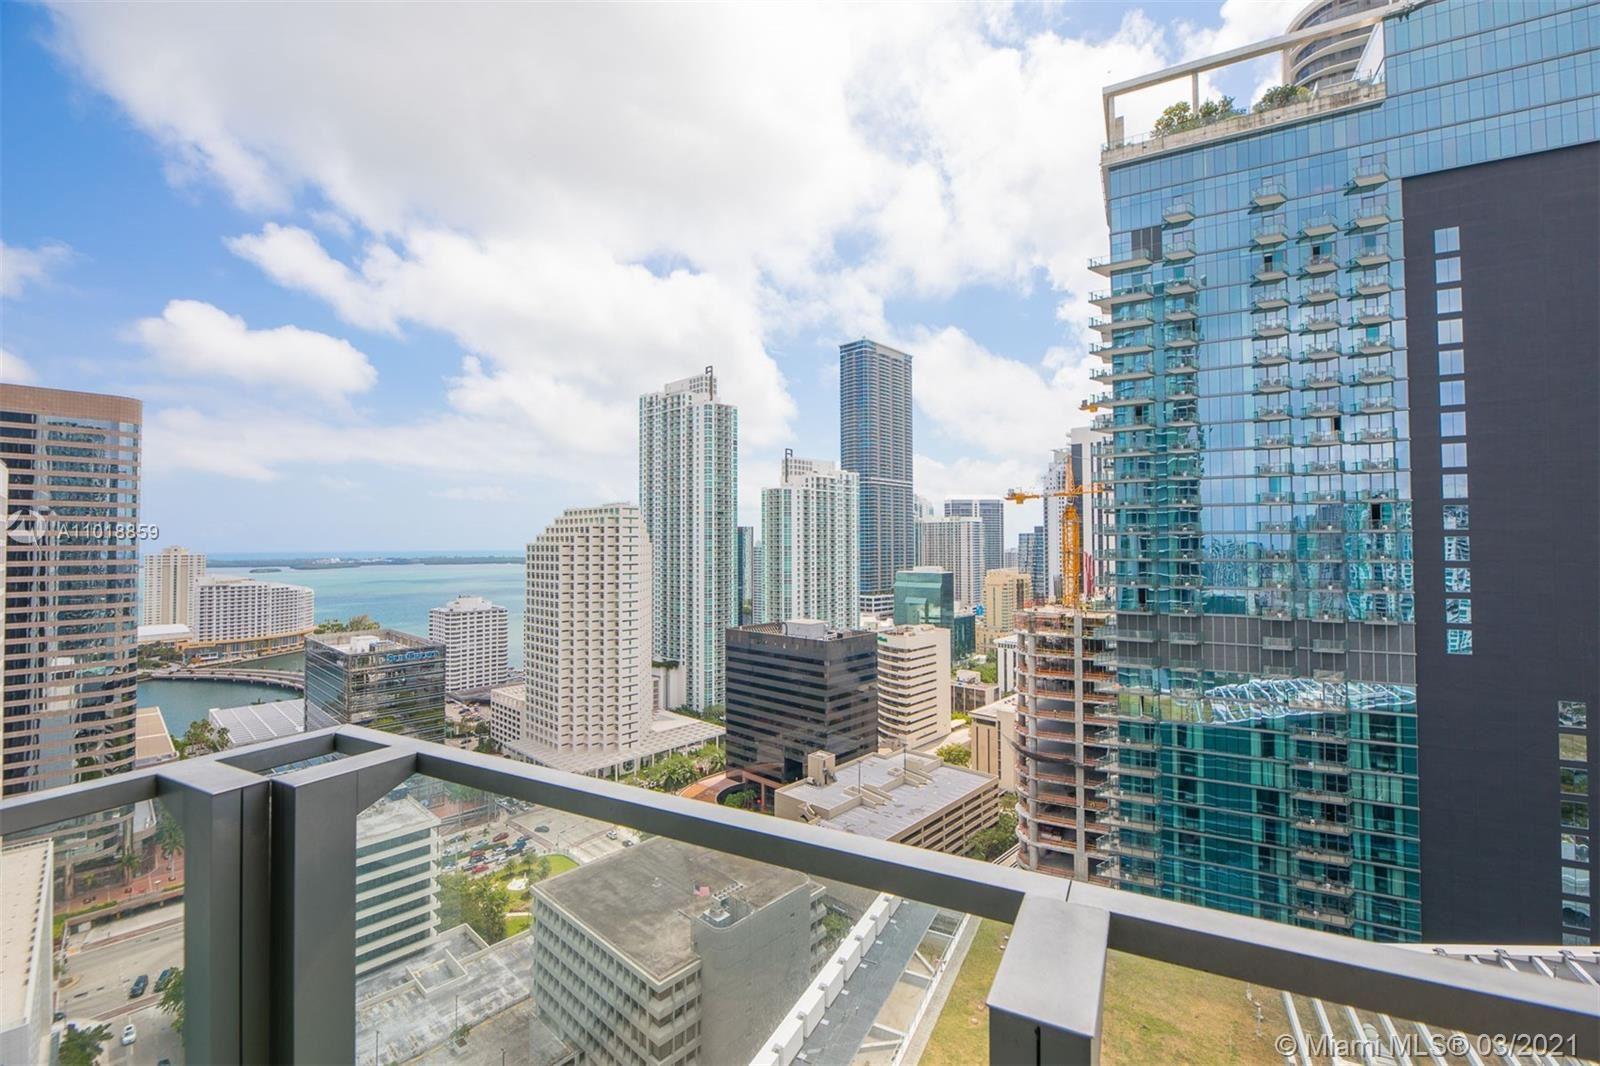 68 SE 6th St #2602, Miami, FL 33131 - #: A11018859